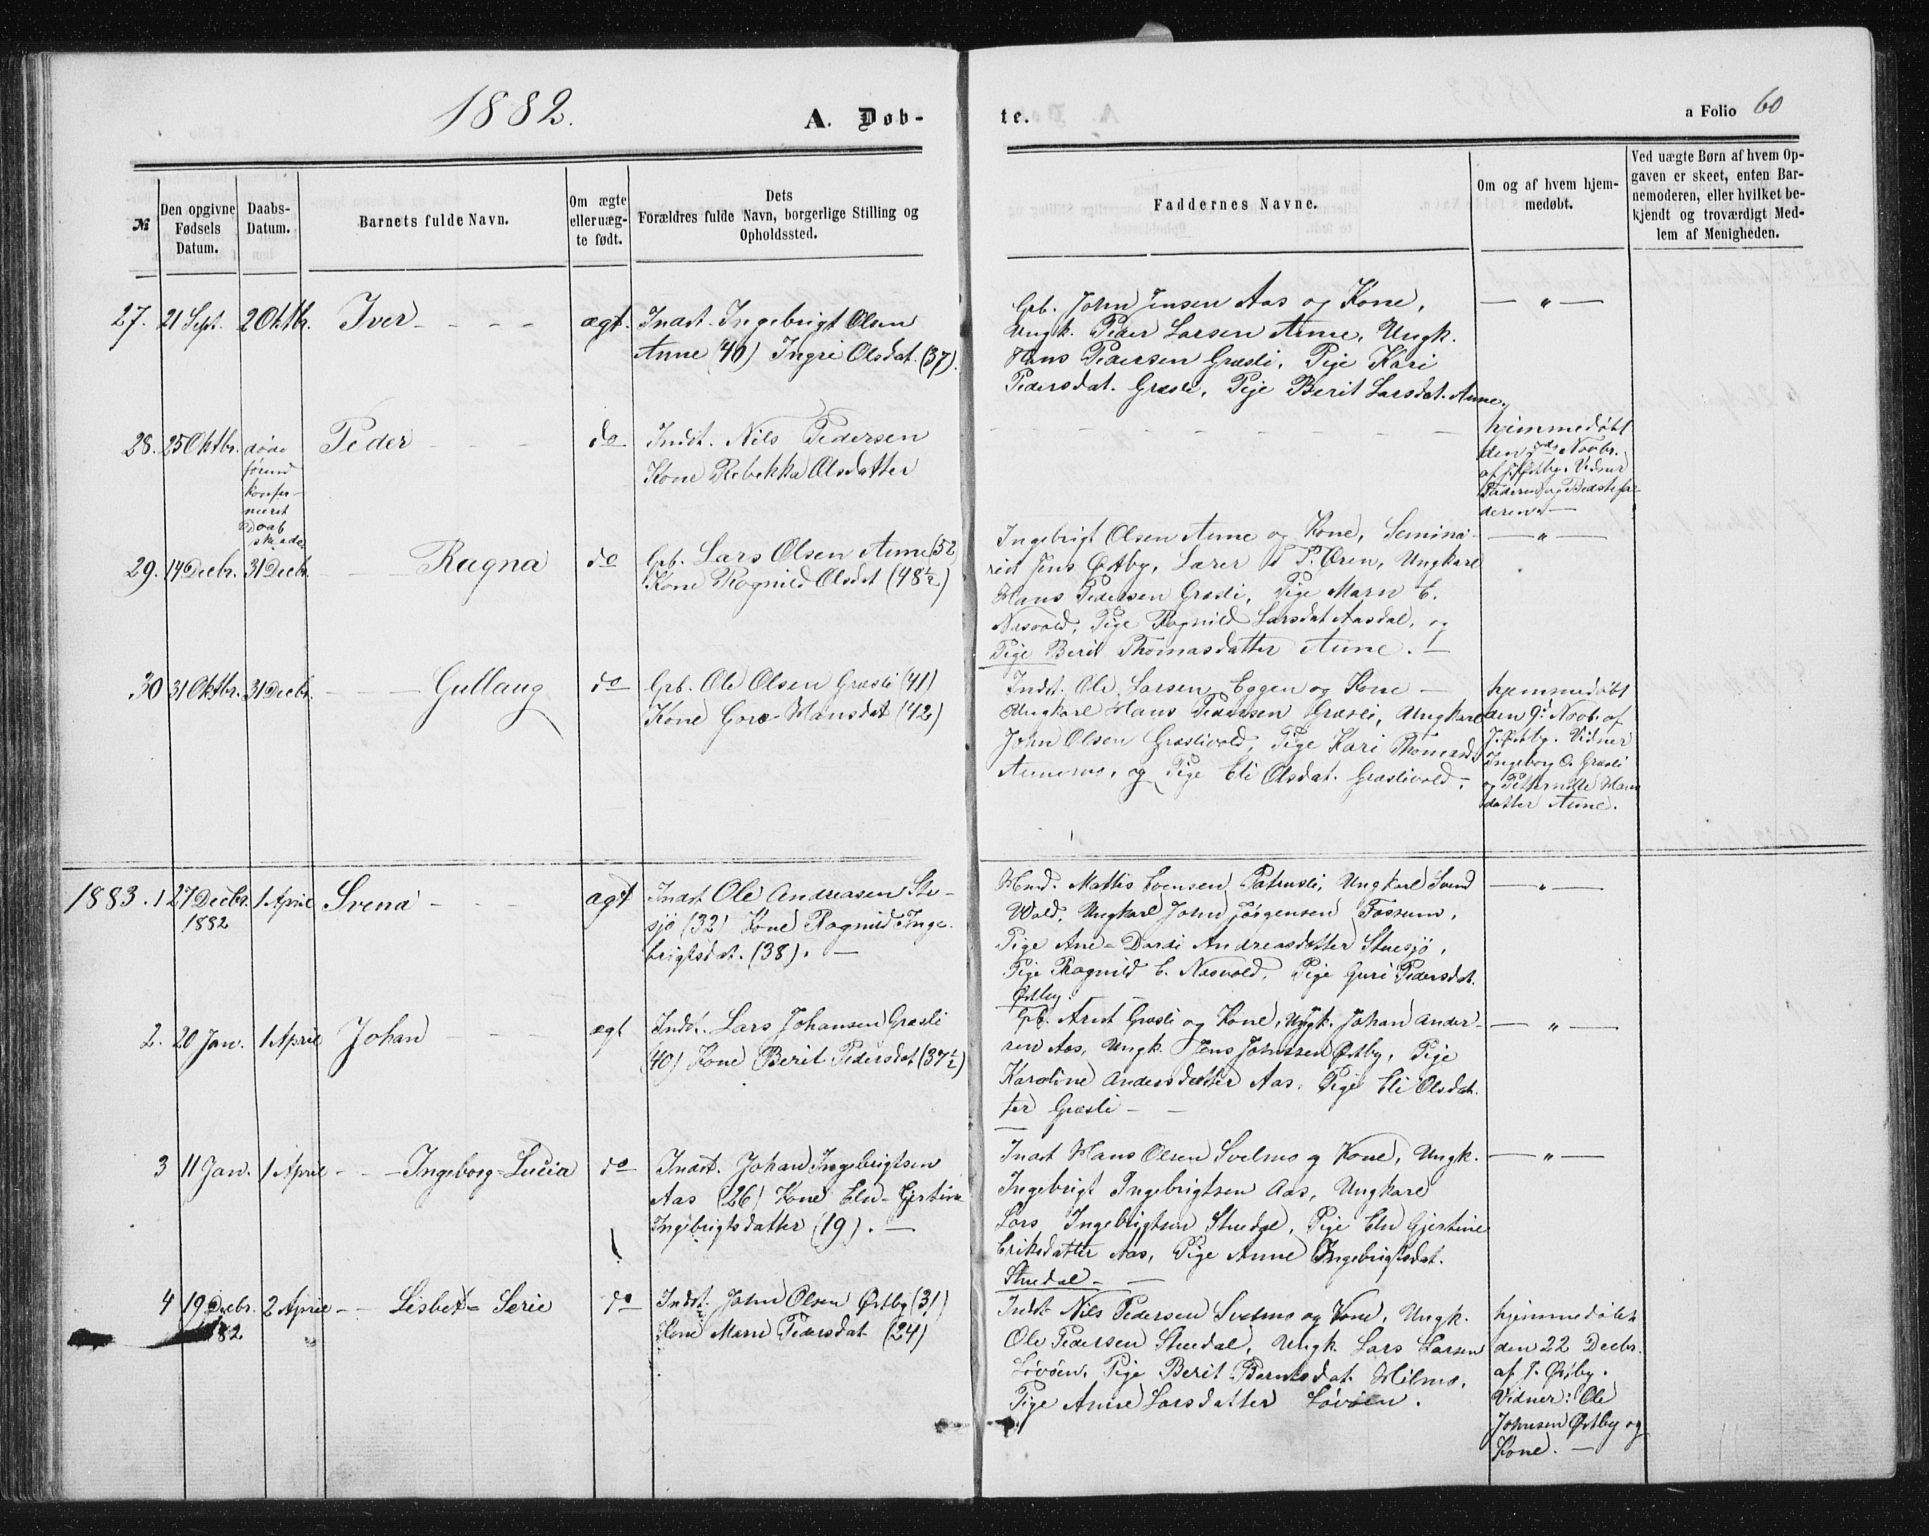 SAT, Ministerialprotokoller, klokkerbøker og fødselsregistre - Sør-Trøndelag, 698/L1166: Klokkerbok nr. 698C03, 1861-1887, s. 60